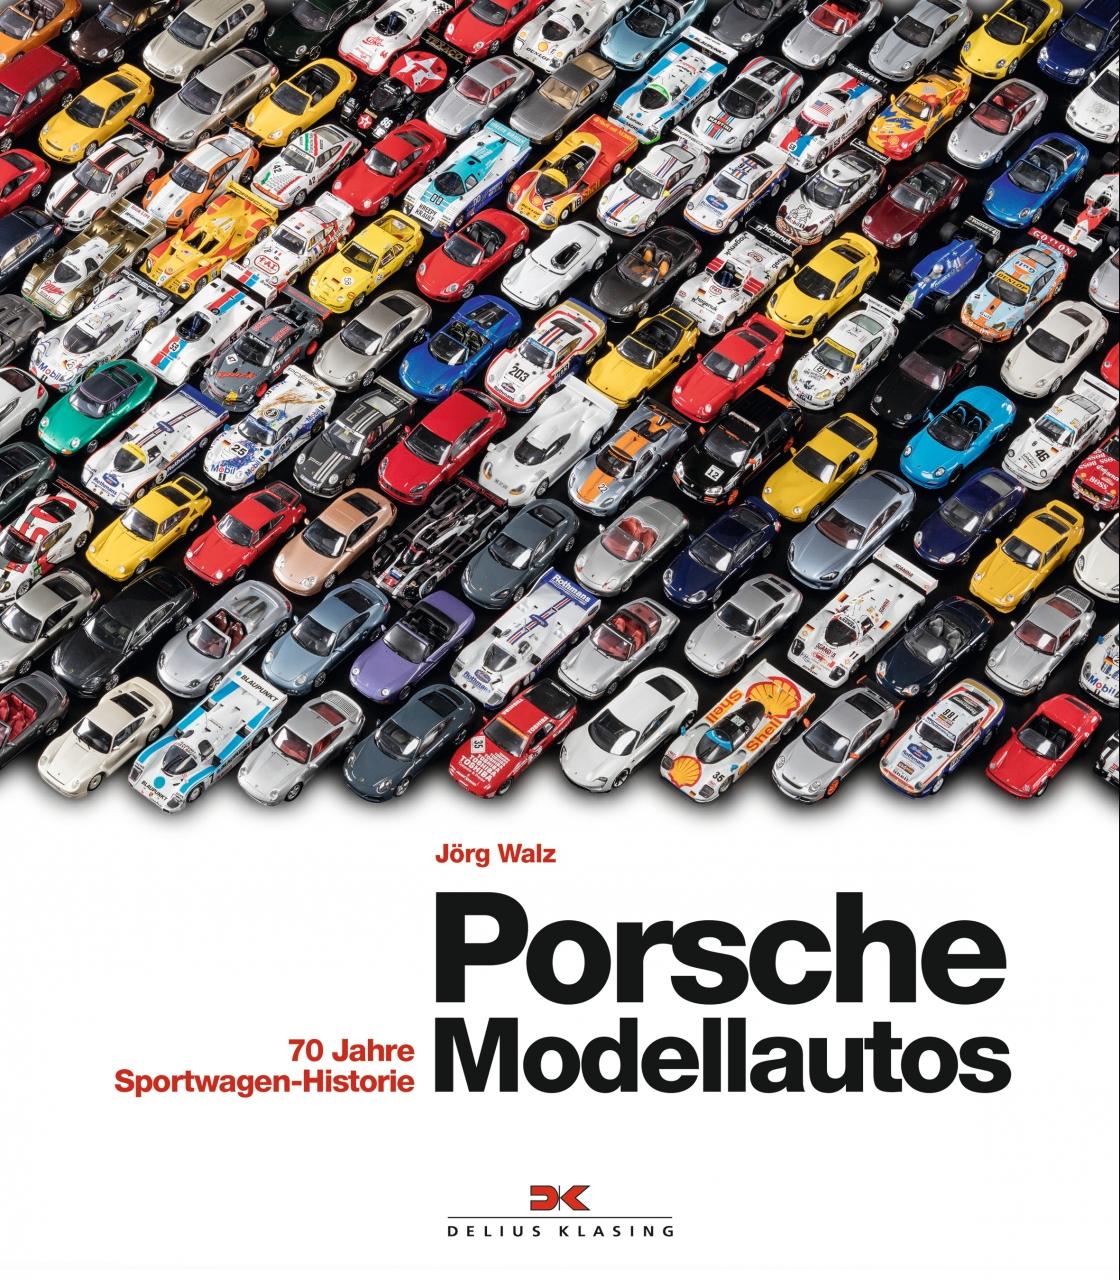 """Die JÖRG WALZ COLLECTION ist in Anlehnung an das Buch  """"Porsche Modellautos – 70 Jahre Sportwagen-Historie""""  entstanden, das 2017 im Delius Klasing Verlag erschienen ist."""